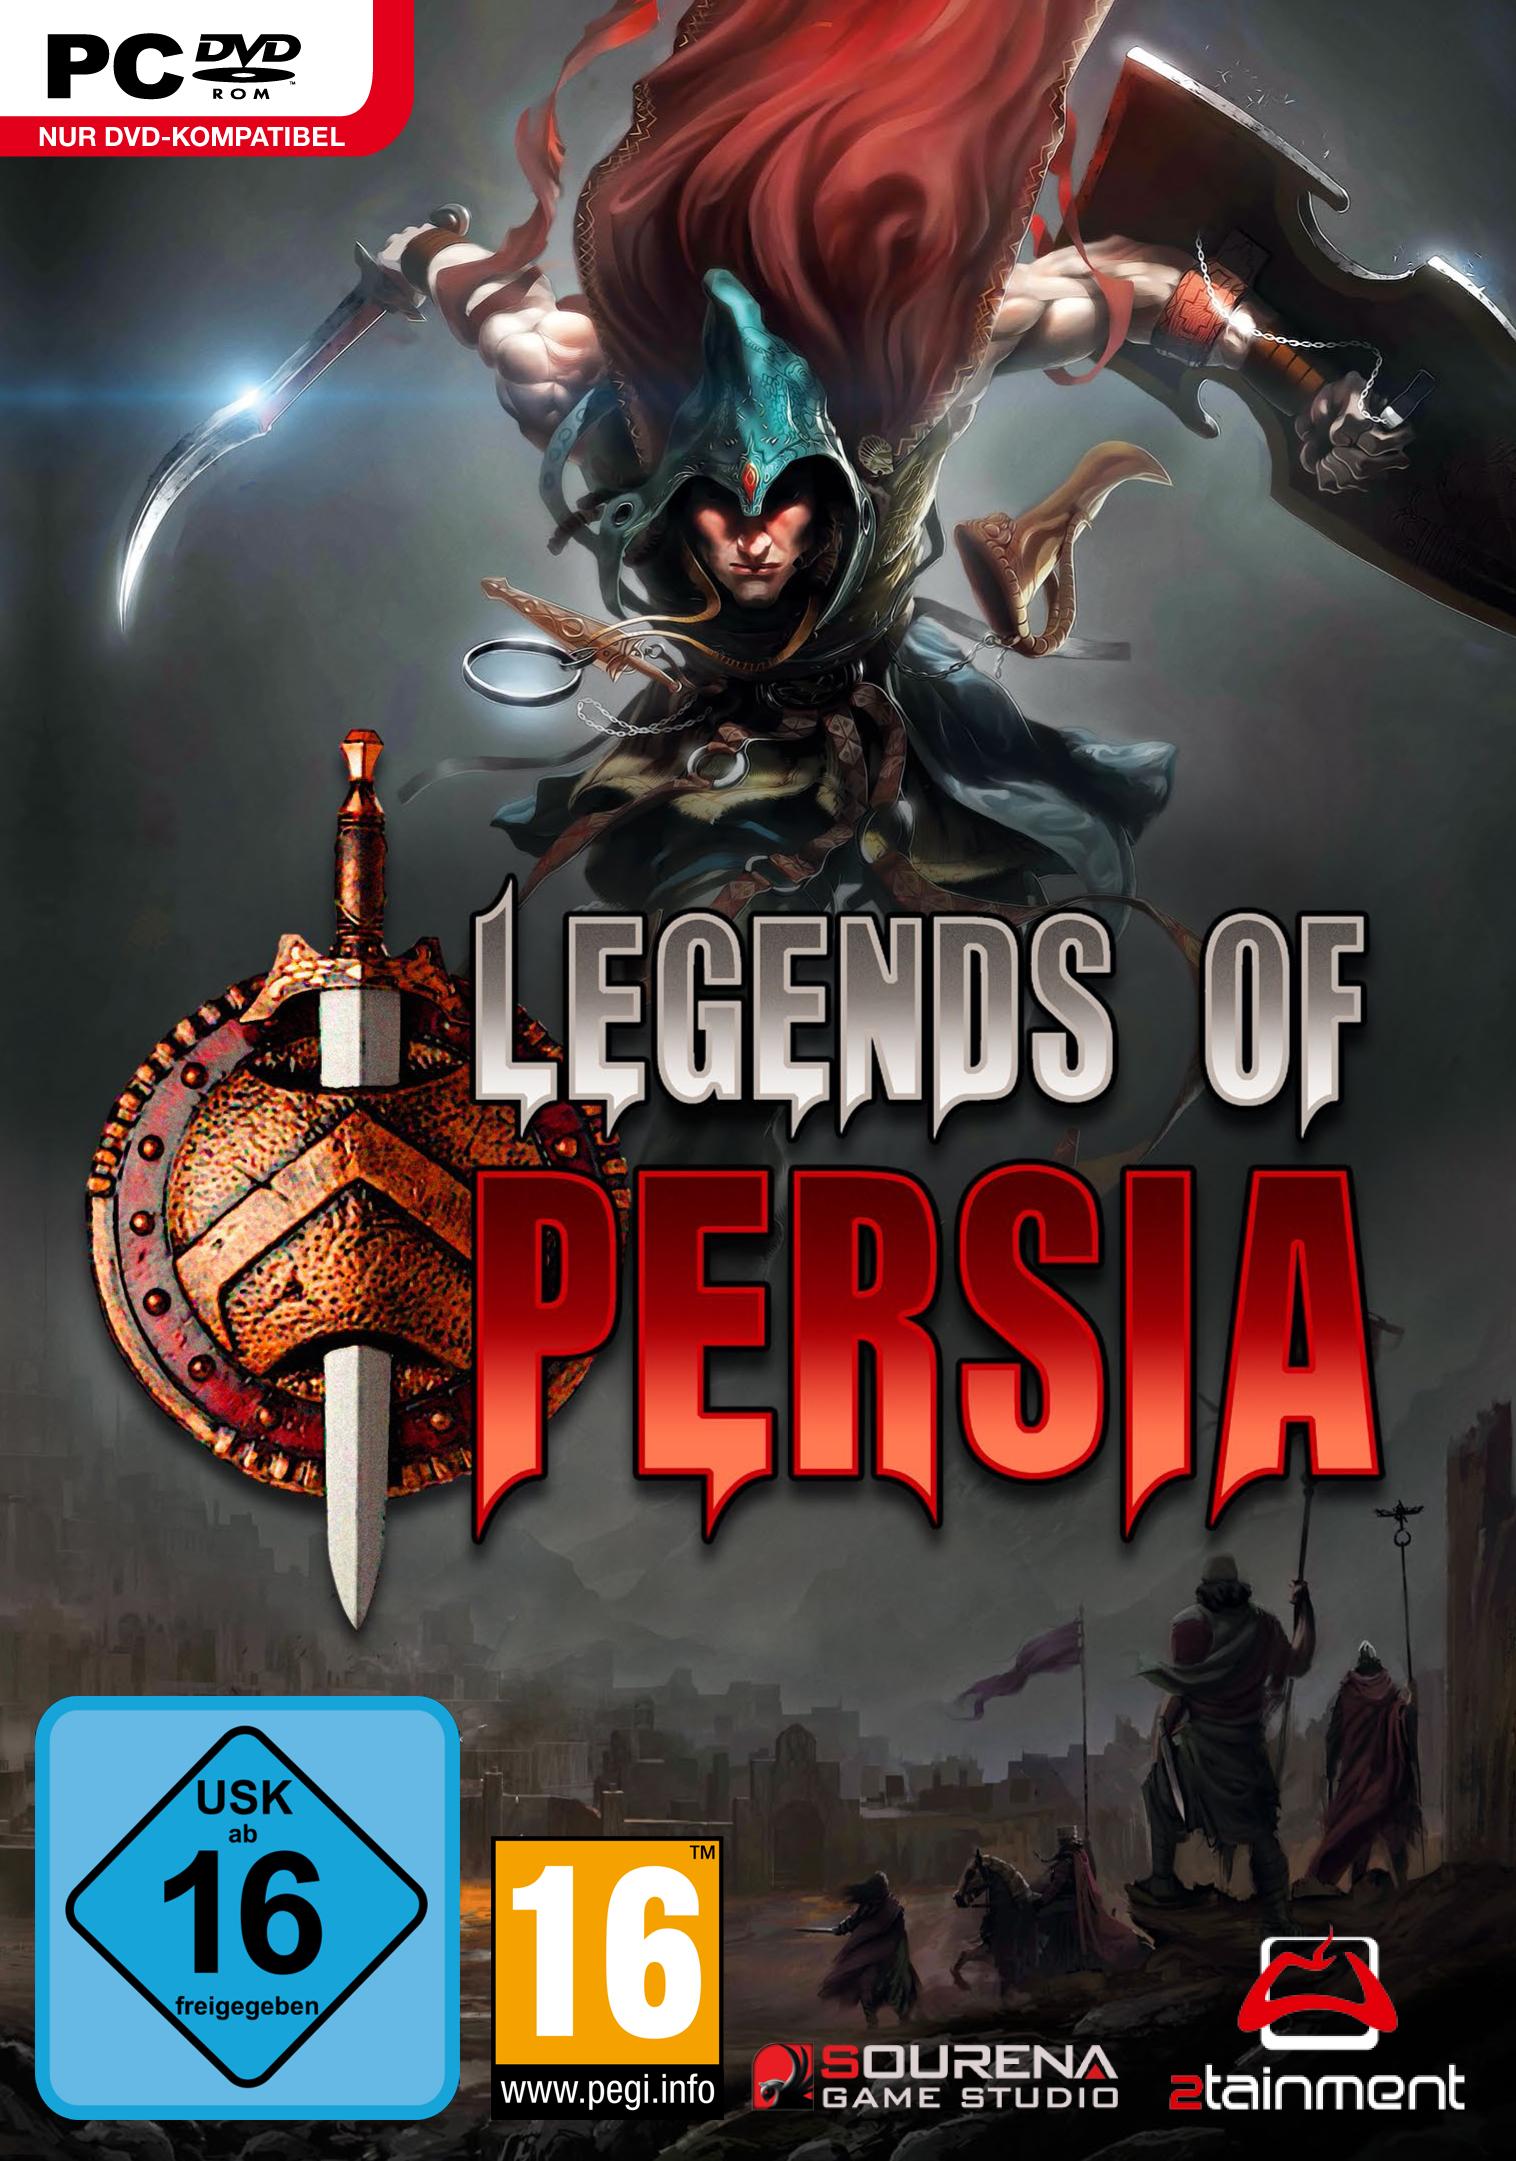 Achtung, nicht verwechseln mit Prince of Persia, das hier ist Schrott